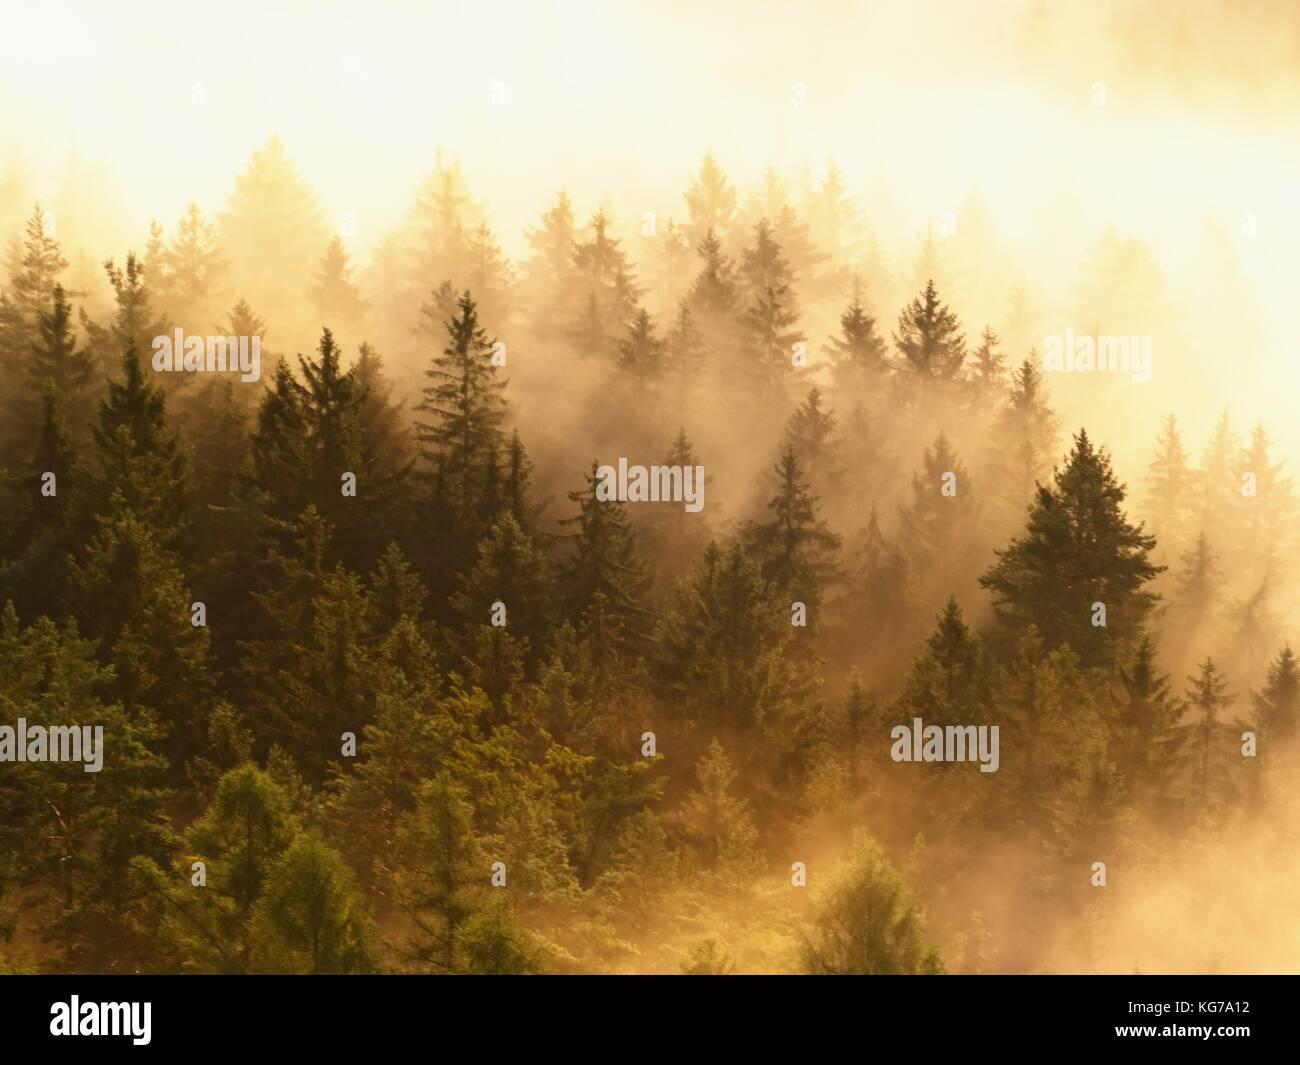 Bunte Nebel abgestreift. Sommer Wald nach schweren regnerischen Nacht. baumkronen stieg von Nebel und stripping Stockbild